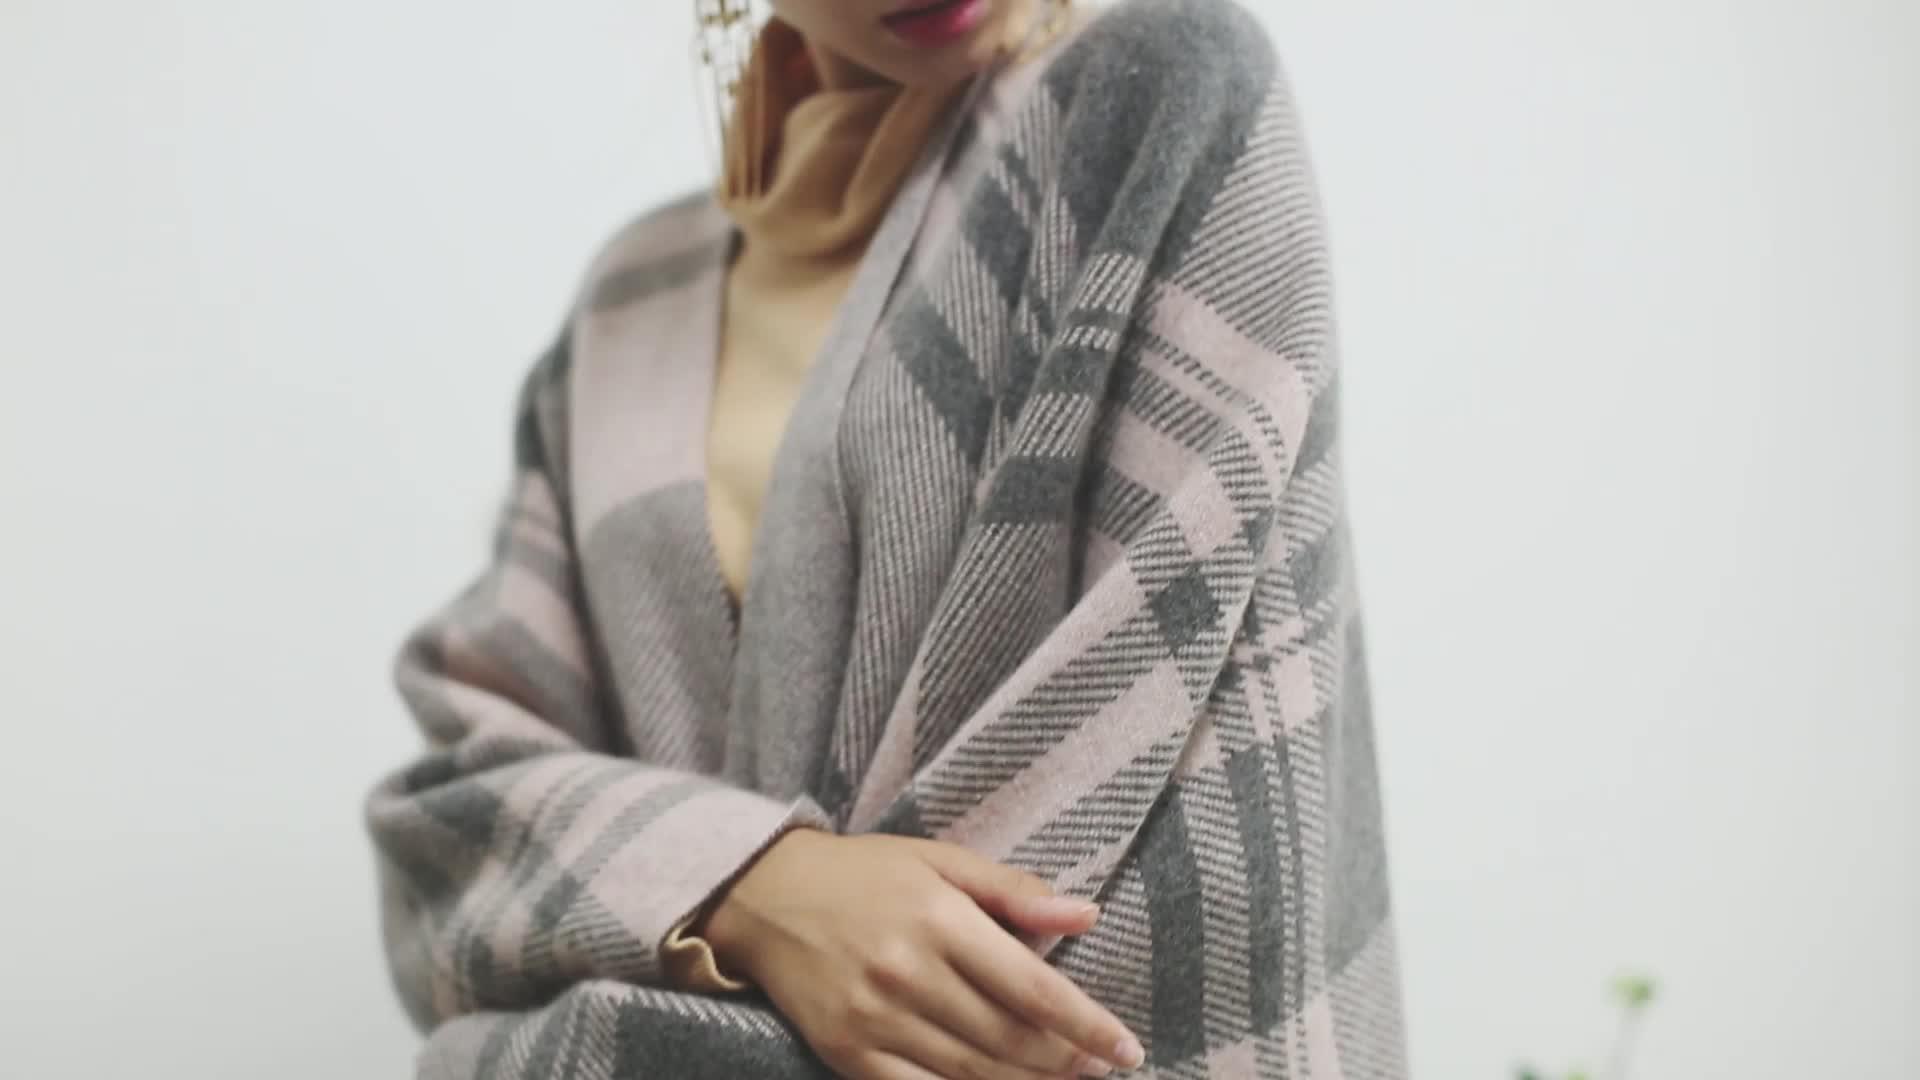 2020 chất lượng Cao cashmere len len đan khăn choàng cổ điển Người Anh kiểm tra khăn cho Giáng Sinh Mềm Cảm Giác Mịn Màng Mùa Xuân/Mùa Thu/ mùa đông